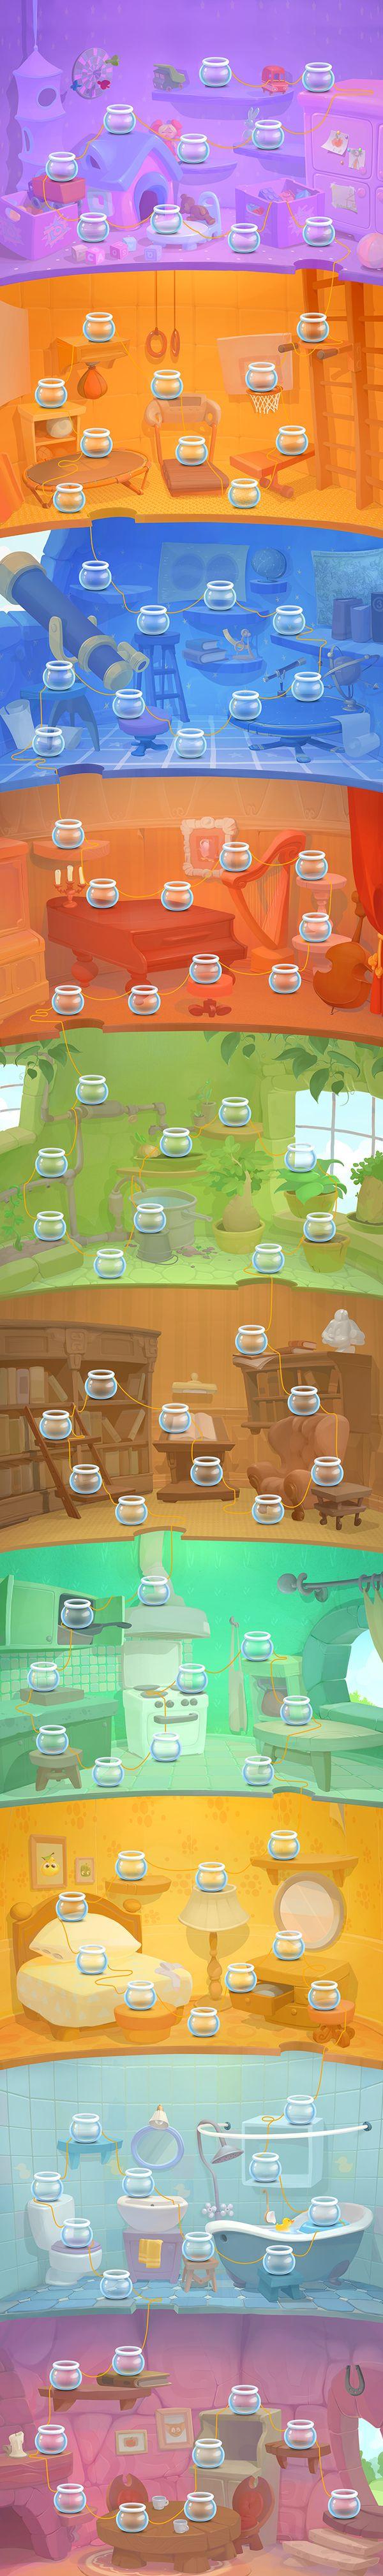 #карта #уровней #банка Fruity jam adventures on Behance